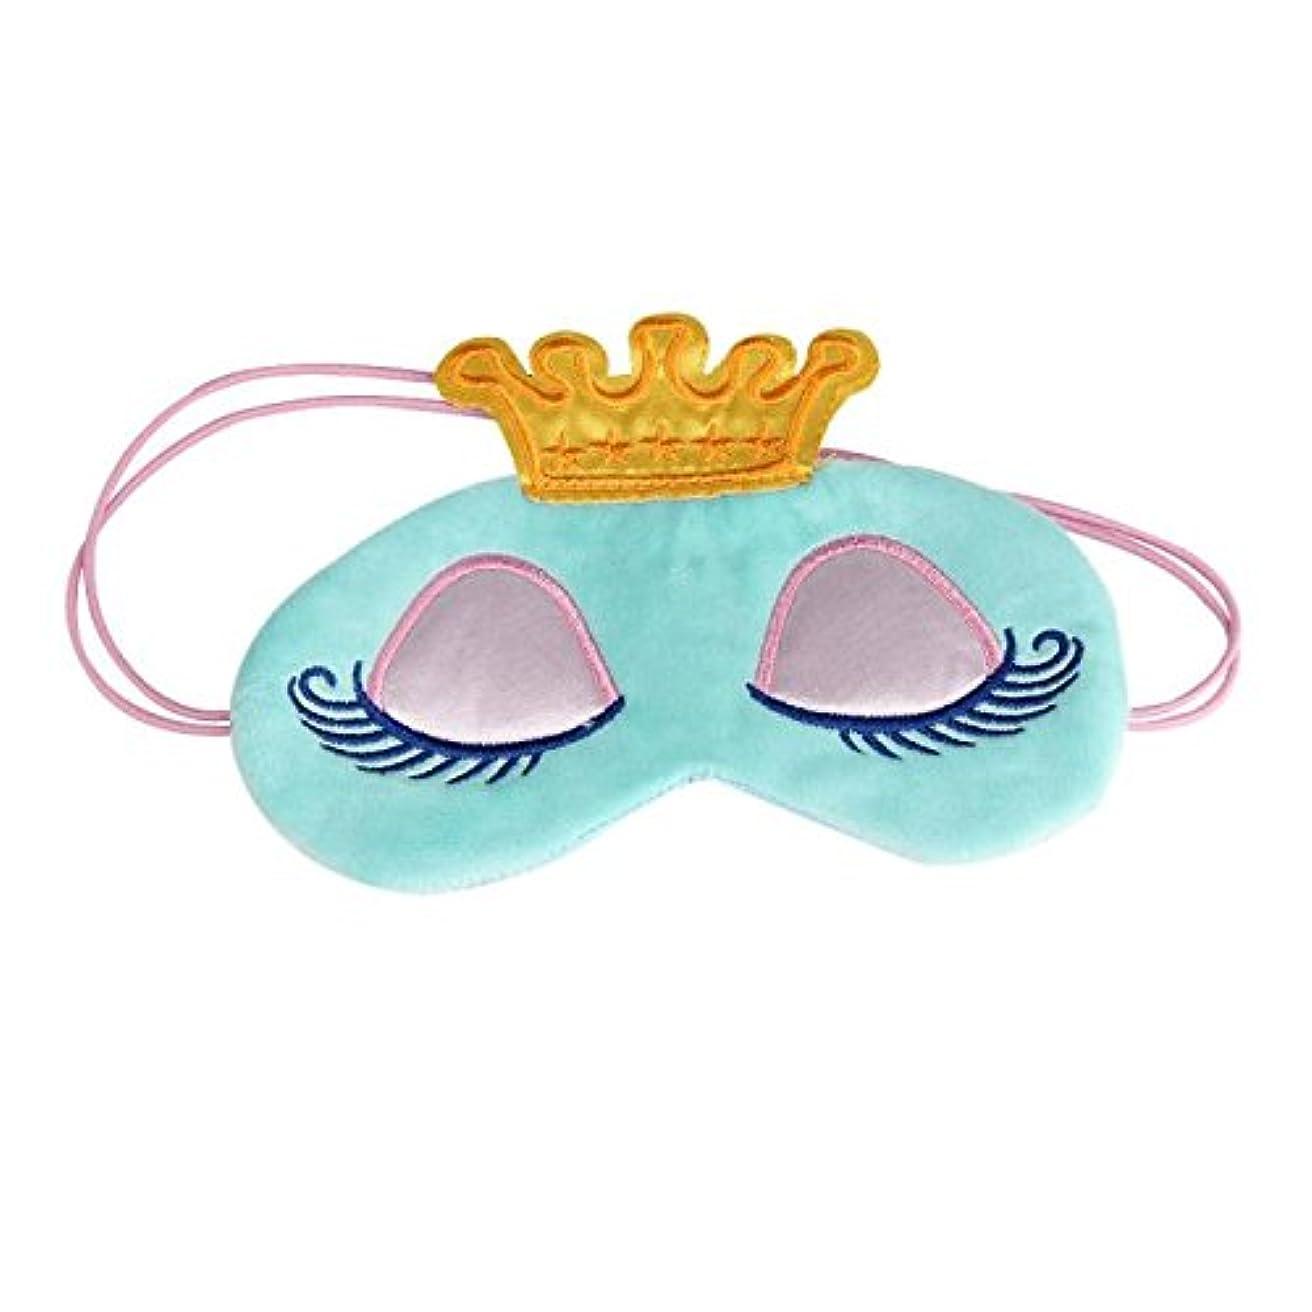 滑りやすい加害者緊張するNOTE 3d睡眠アイマスクソフトポータブル目隠しアイシェードカバースポンジレスト低反発睡眠マスクカバートラベルレストL0